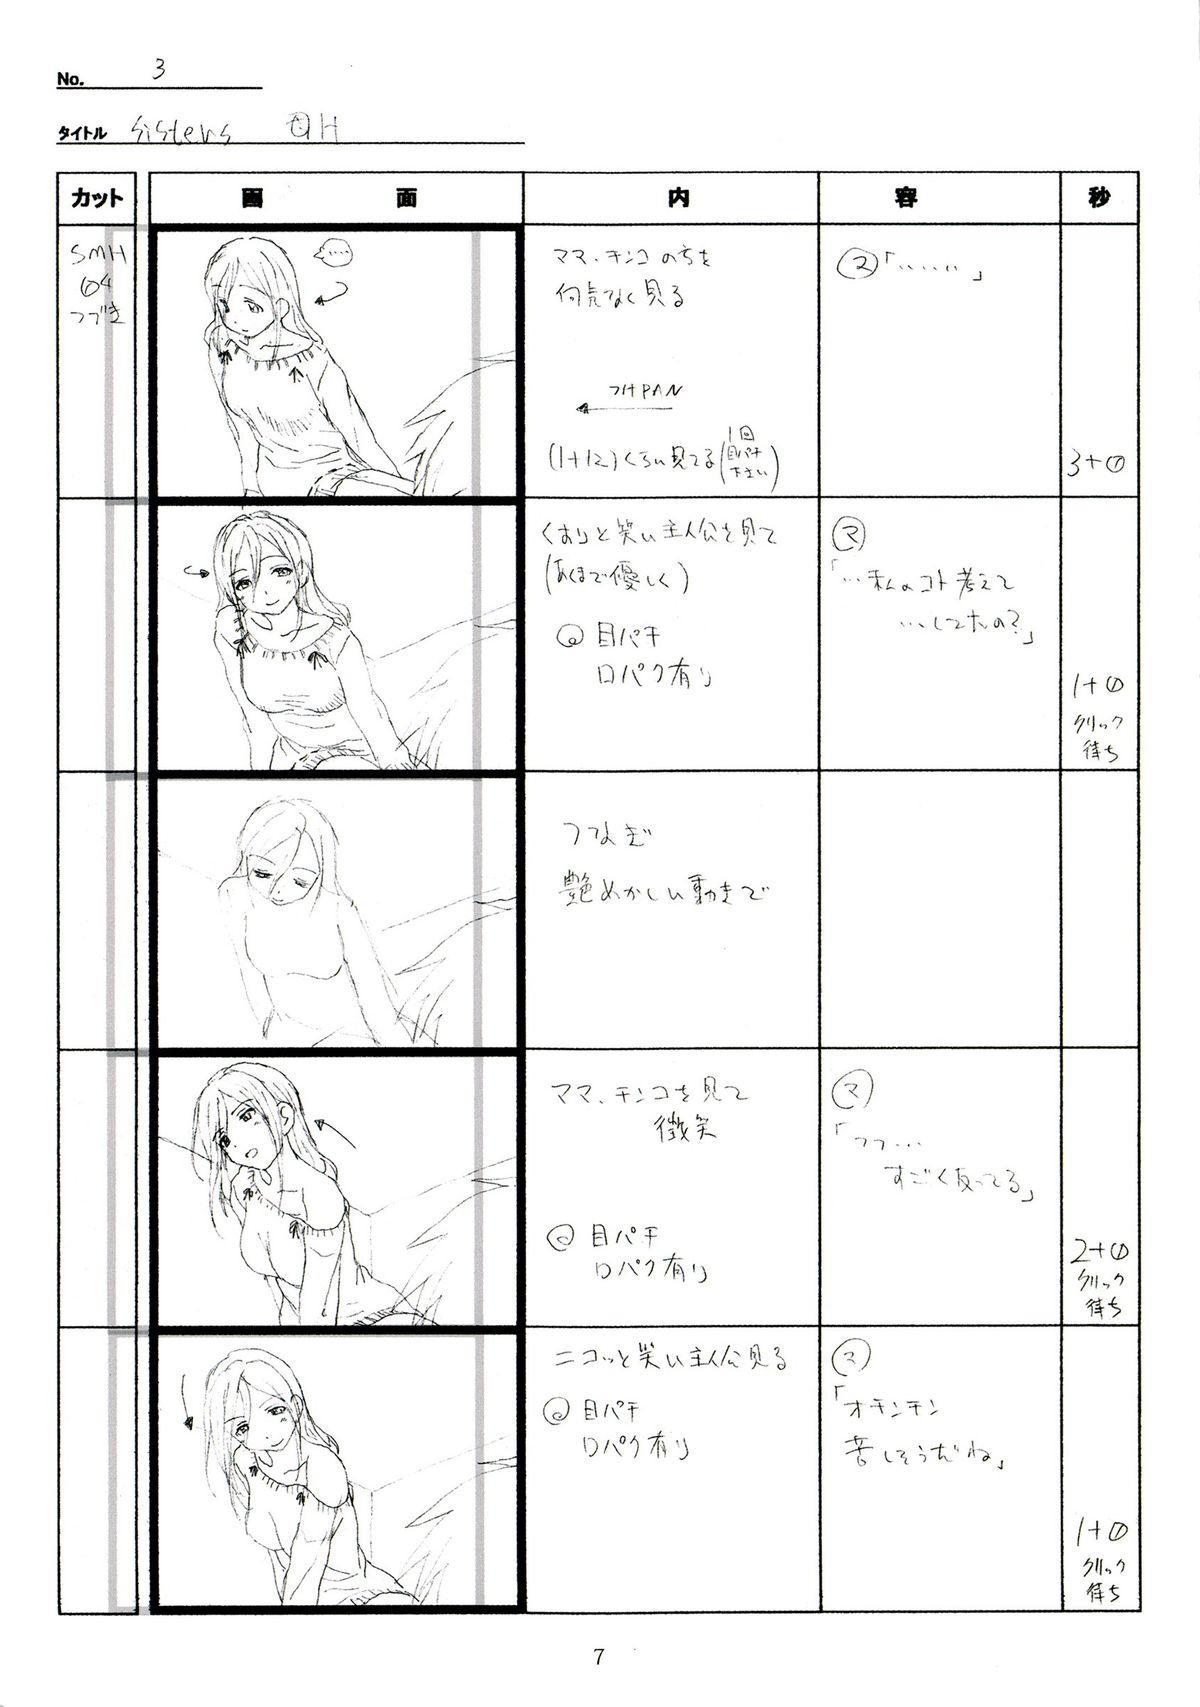 (C89) [Makino Jimusho (Taki Minashika)] SISTERS -Natsu no Saigo no Hi- H Scene All Part Storyboard (SISTERS -Natsu no Saigo no Hi-) 6